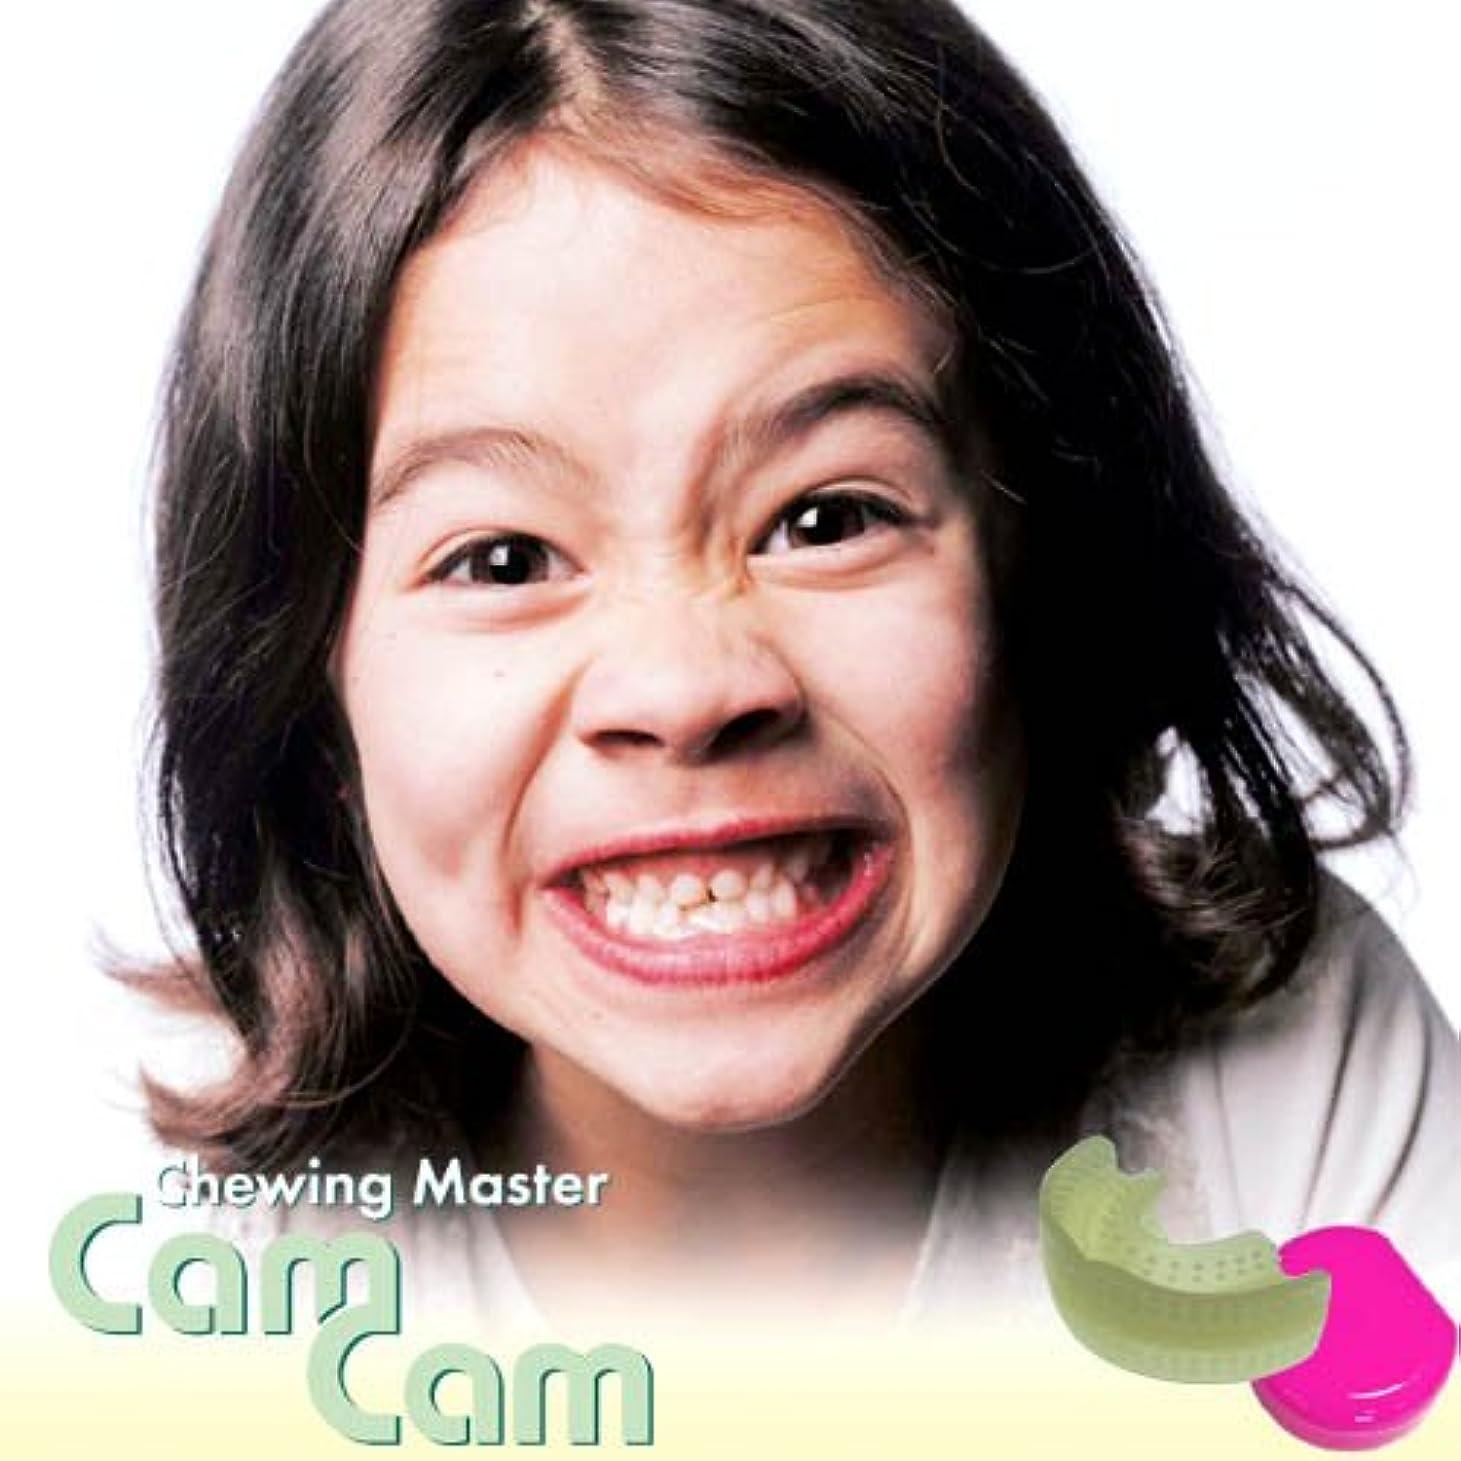 ワークショップアヒル進化歯科医師開発 口腔筋機能トレーニングマウスピース【CamCam ST】カムカム (ピンク) 乳歯列期から混合歯列期用